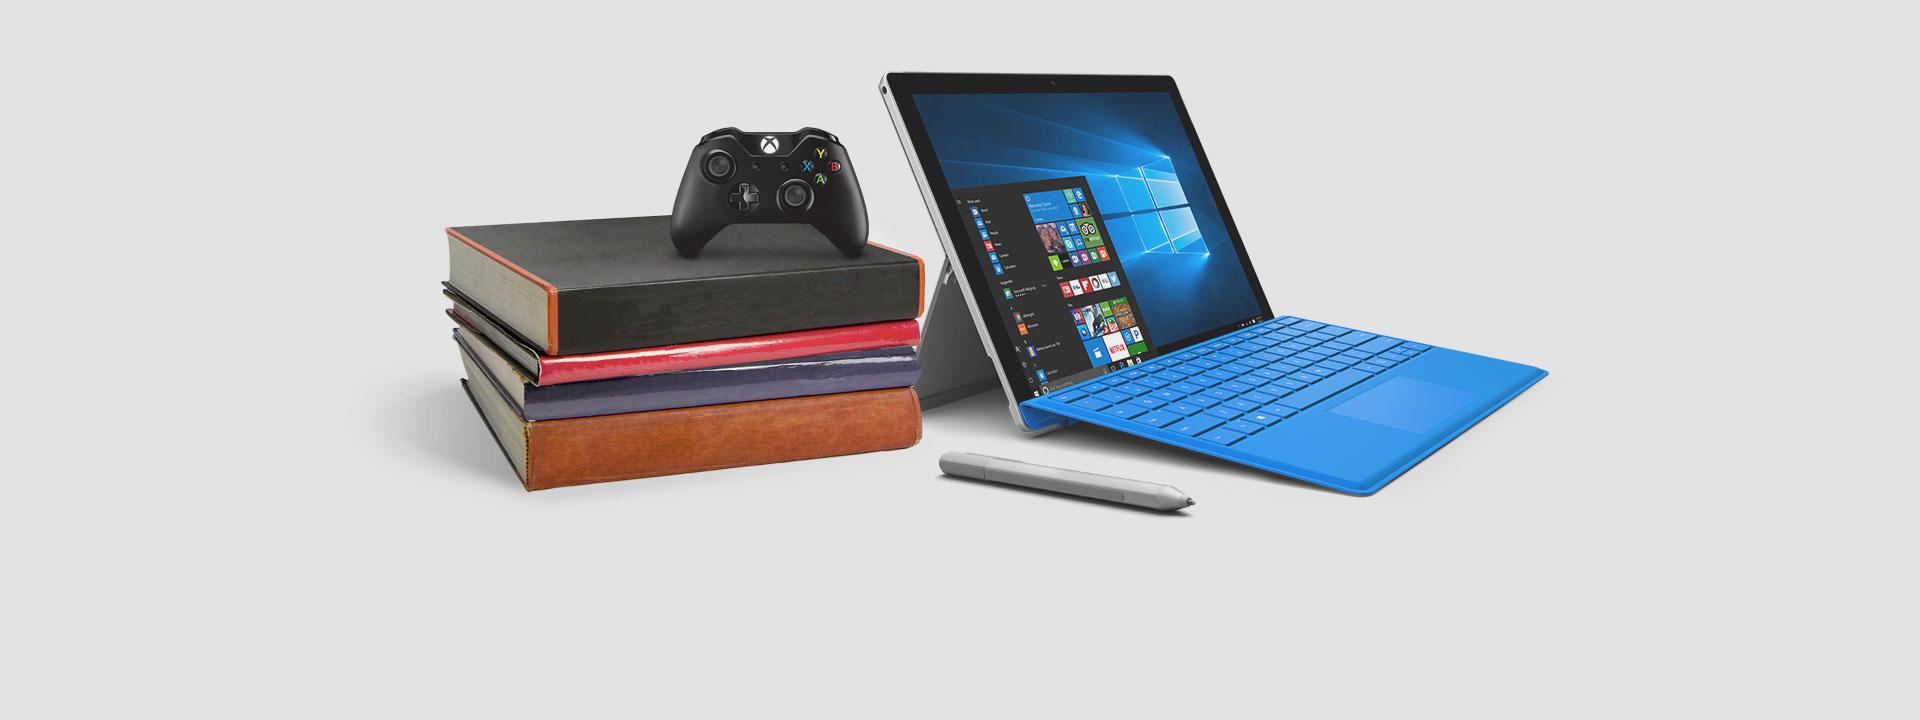 SurfacePro4 avec une manette Xbox, en savoir plus sur notre offre d'une durée limitée